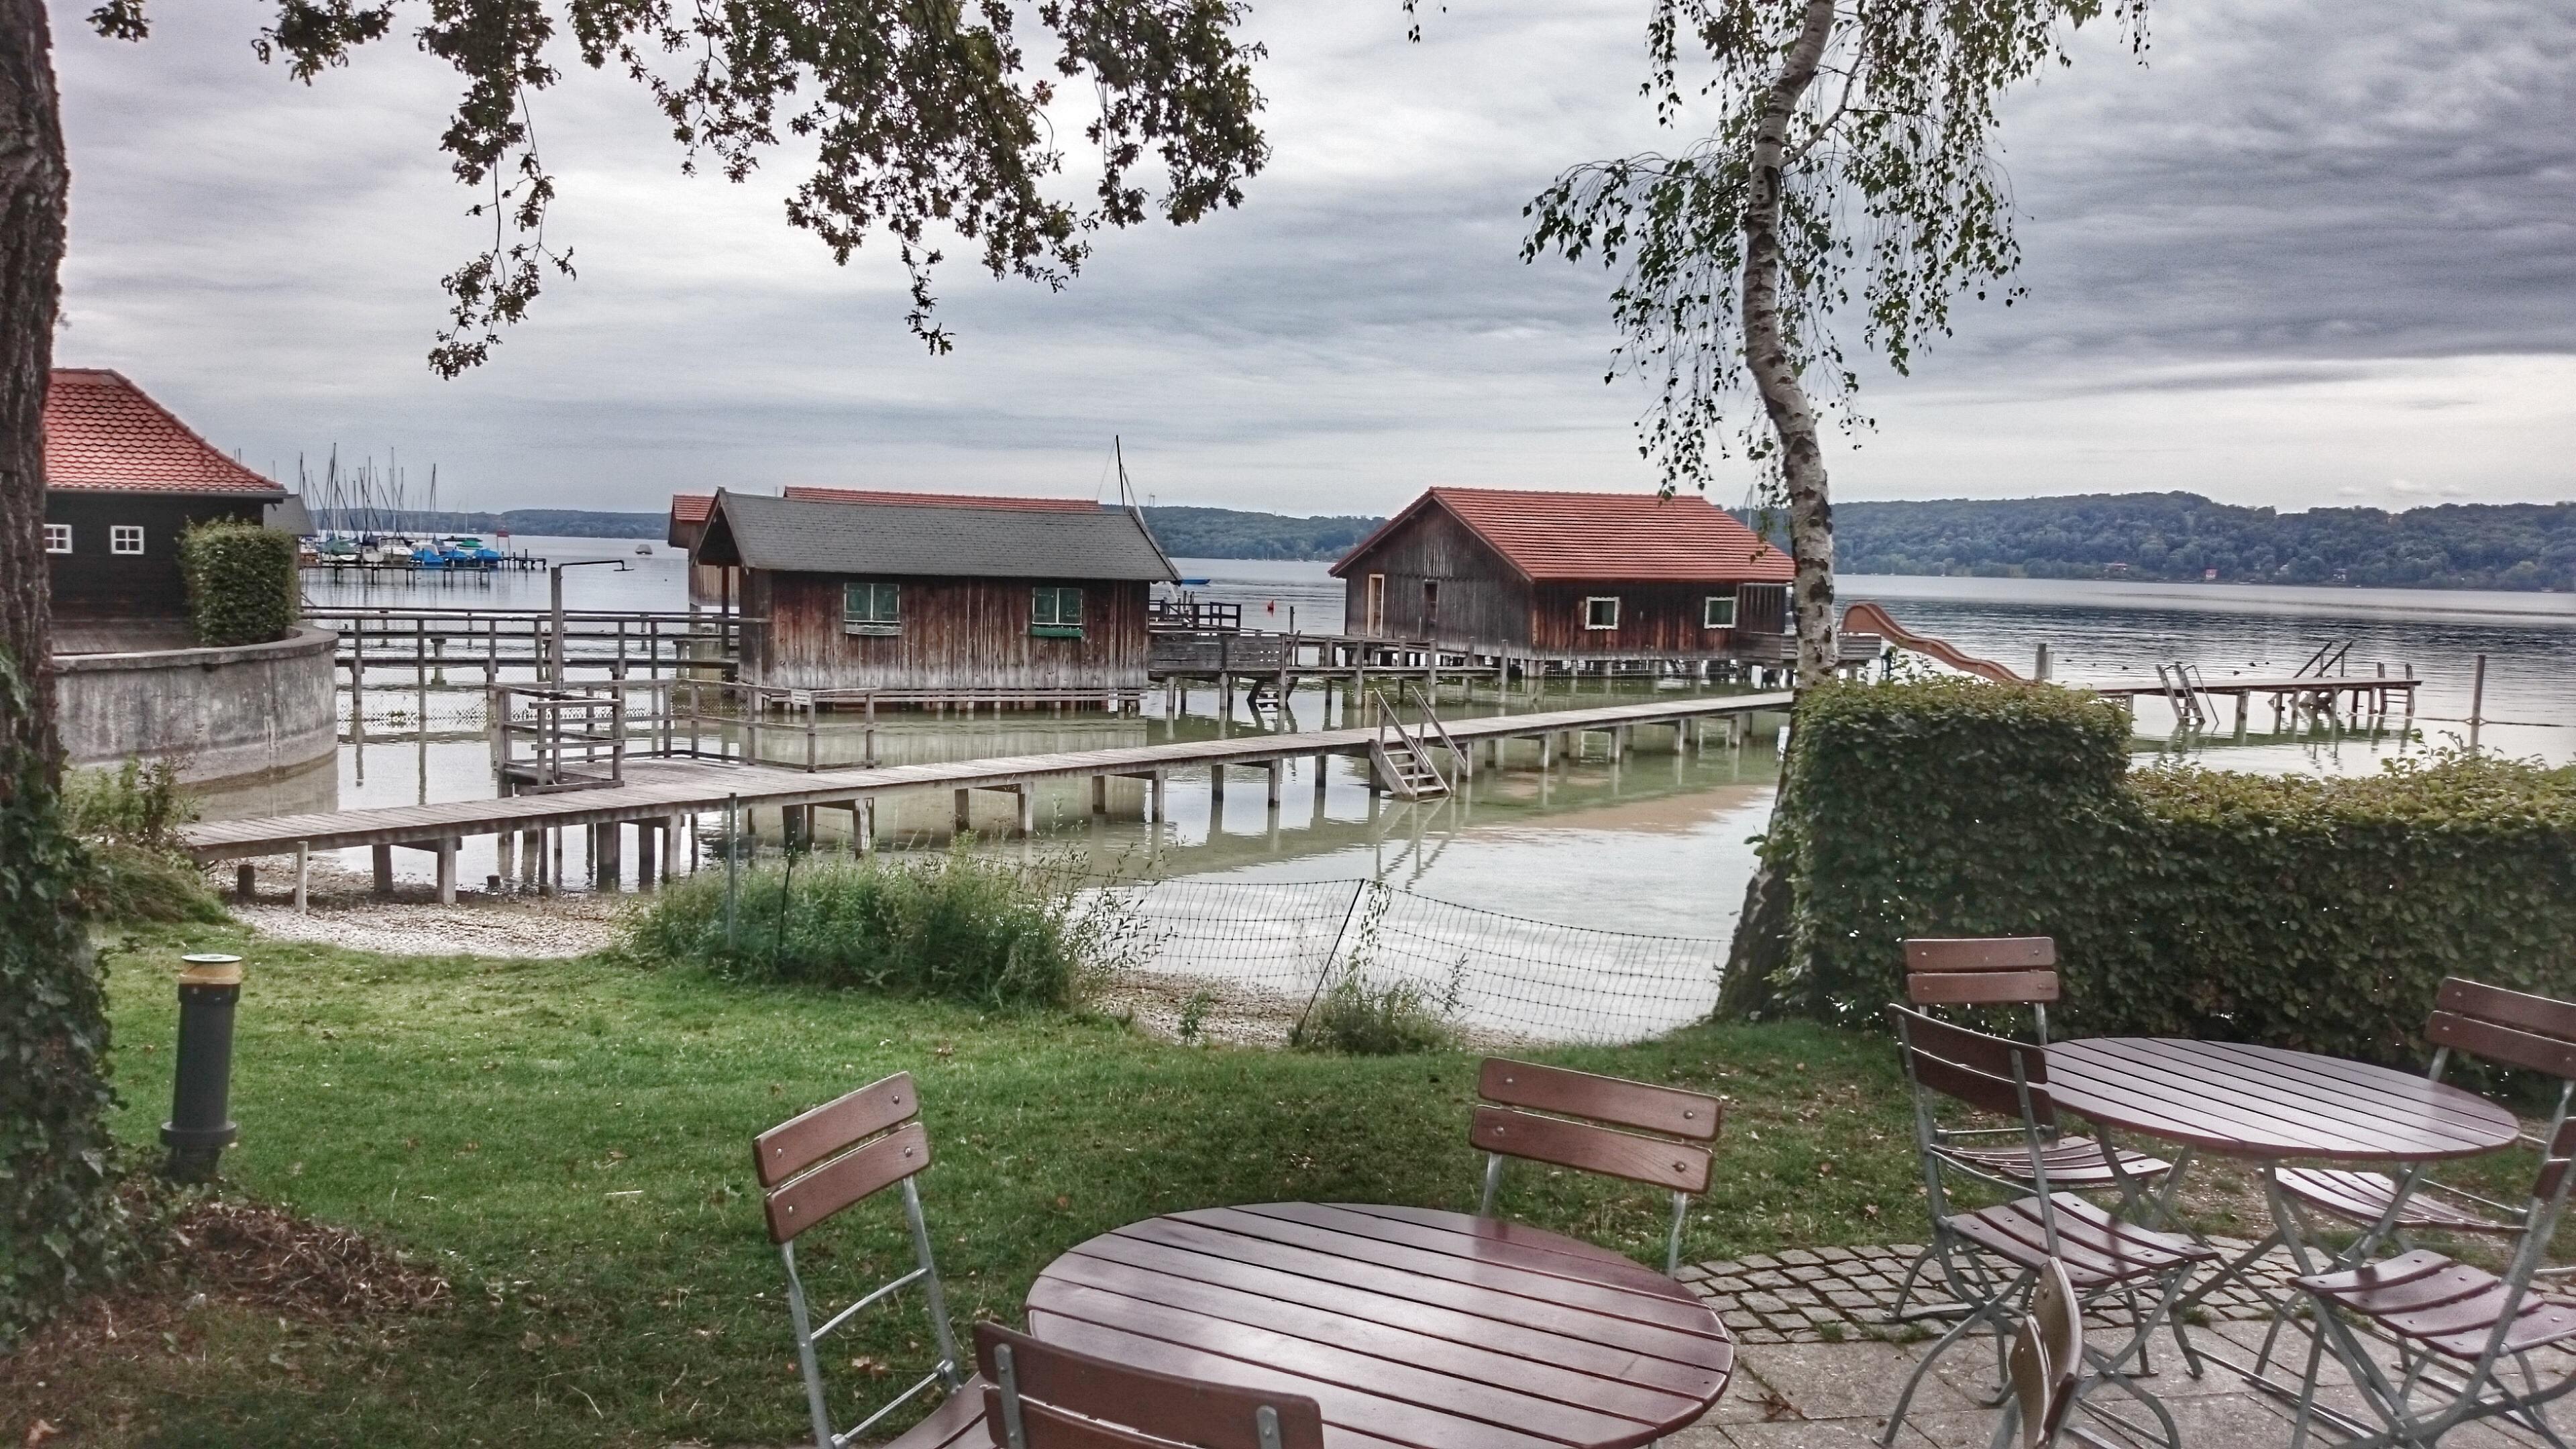 landschaft wasser natur villa haus see gebude zuhause sommer reise htte urlaub hinterhof eigentum erholungsort - Hinterhof Landschaften Bilder